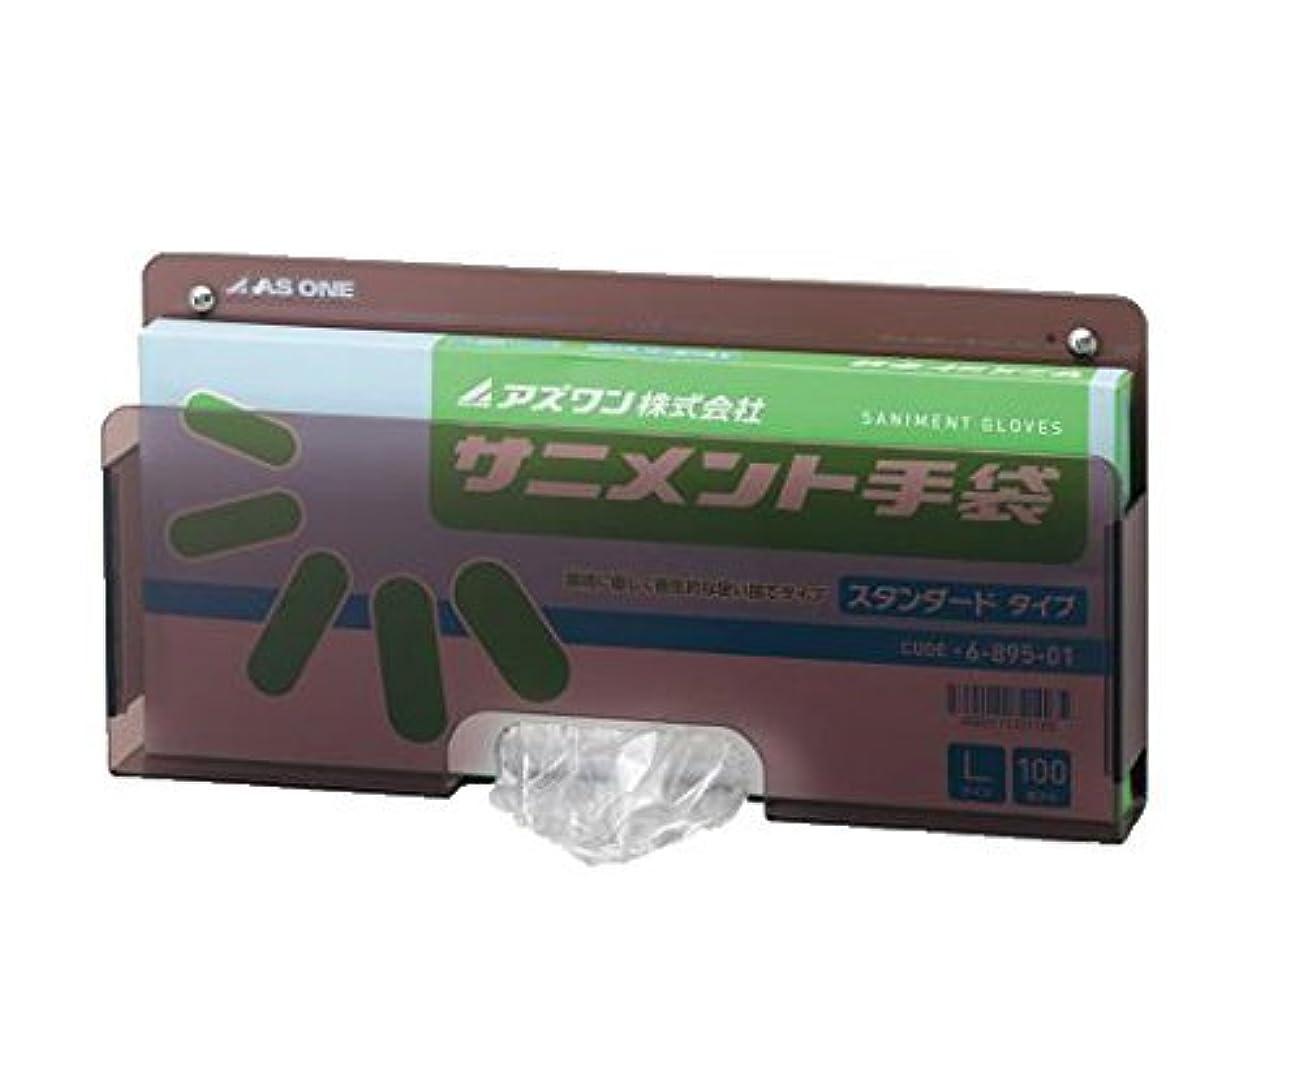 充電テクスチャー松の木アズワン8-5369-01サニメント手袋用ケーススタンダード用